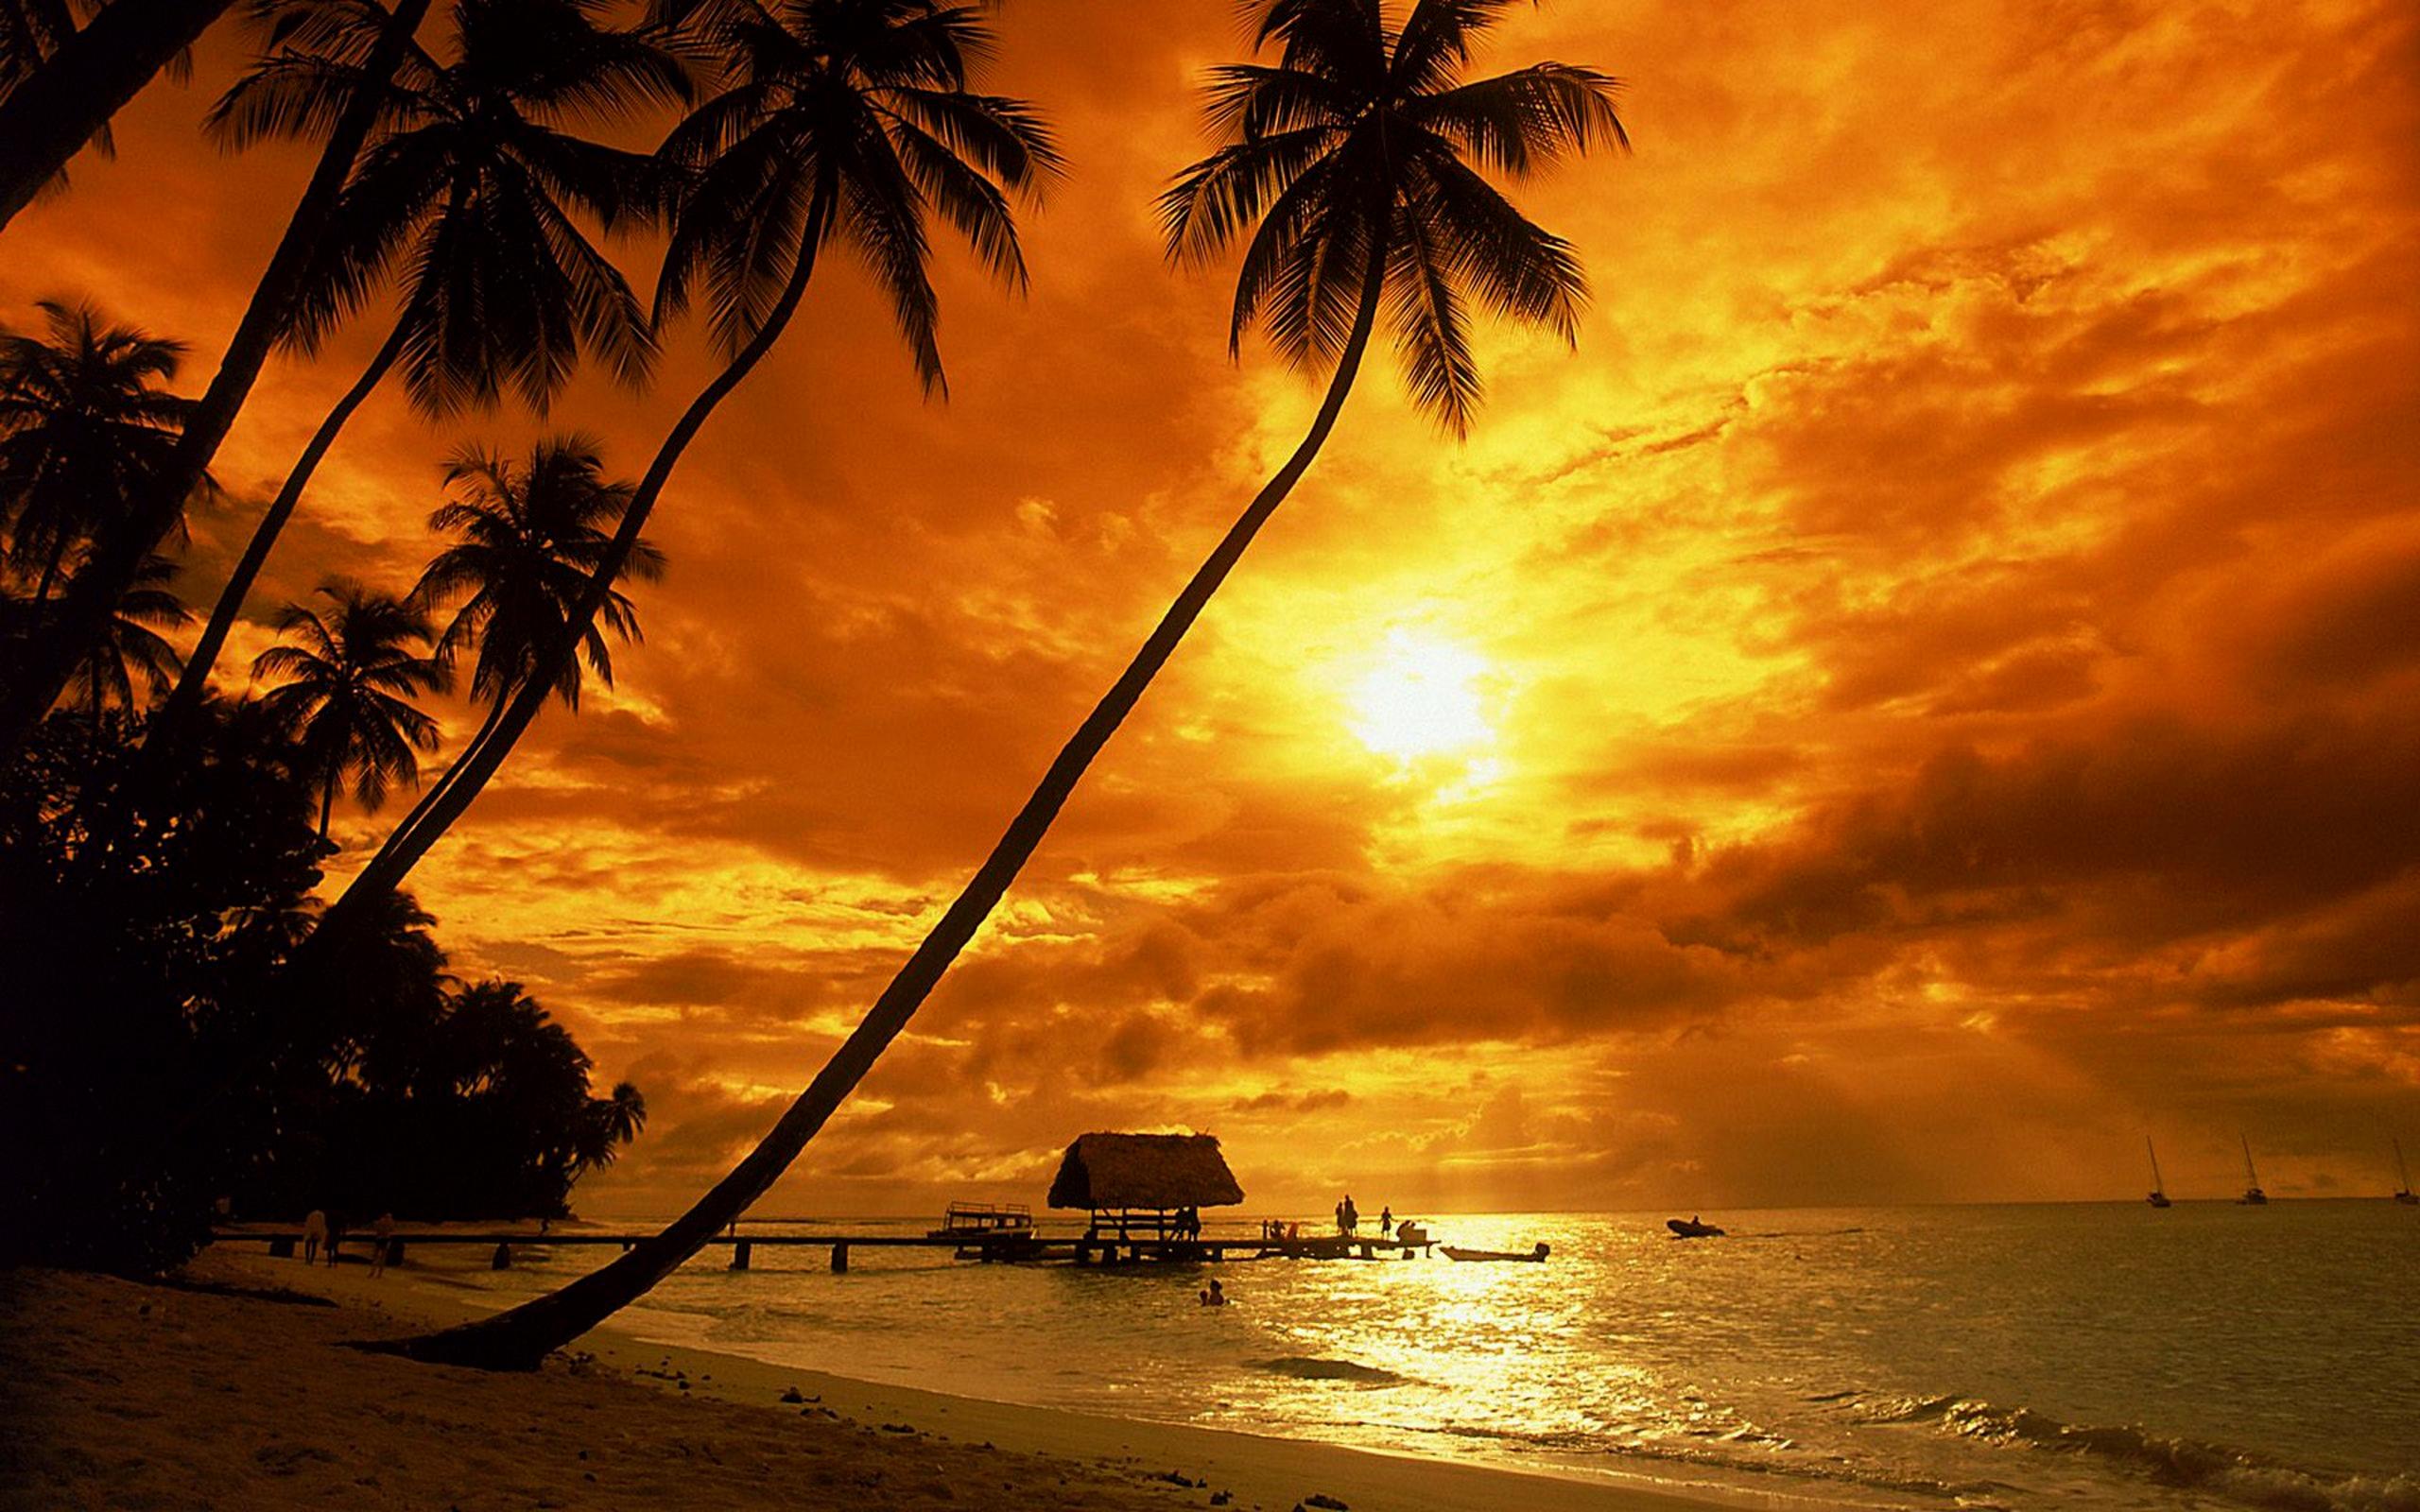 URL Beach Backgroundscomtropical Sunset Wallpaper 2560x1600